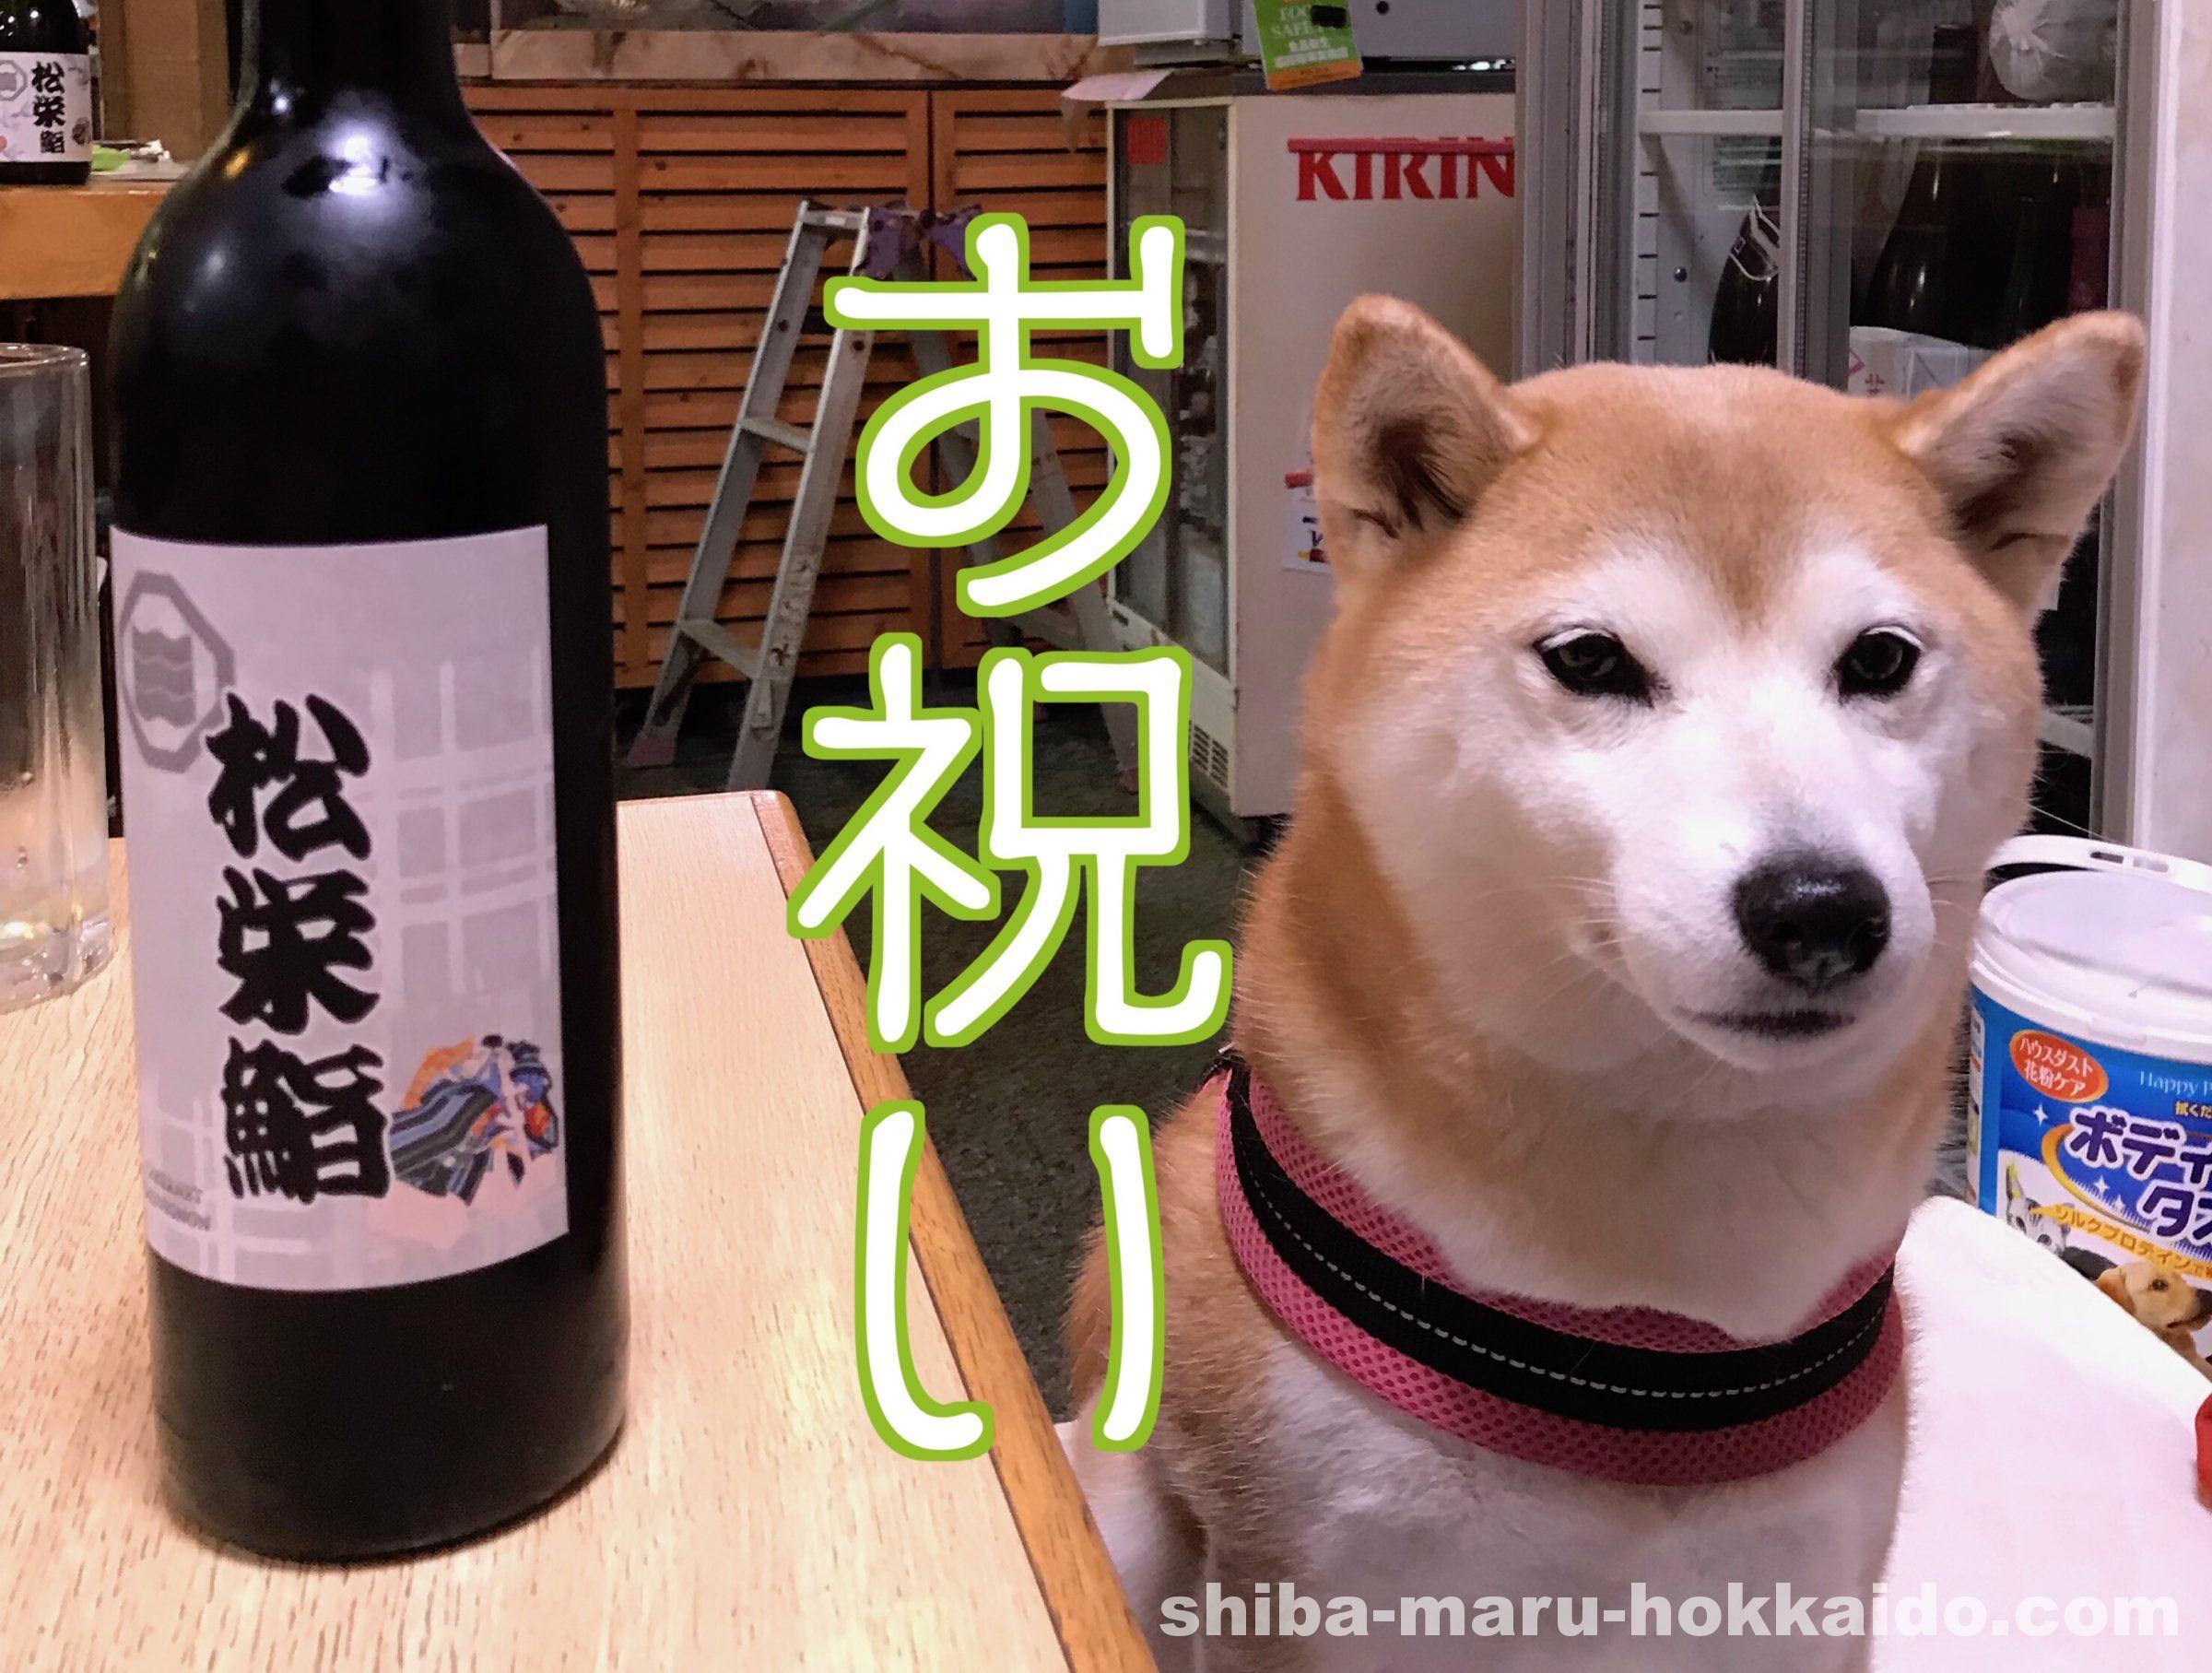 4年目の結婚記念日も松栄寿司で柴犬まるさんと一緒にお祝いしました!